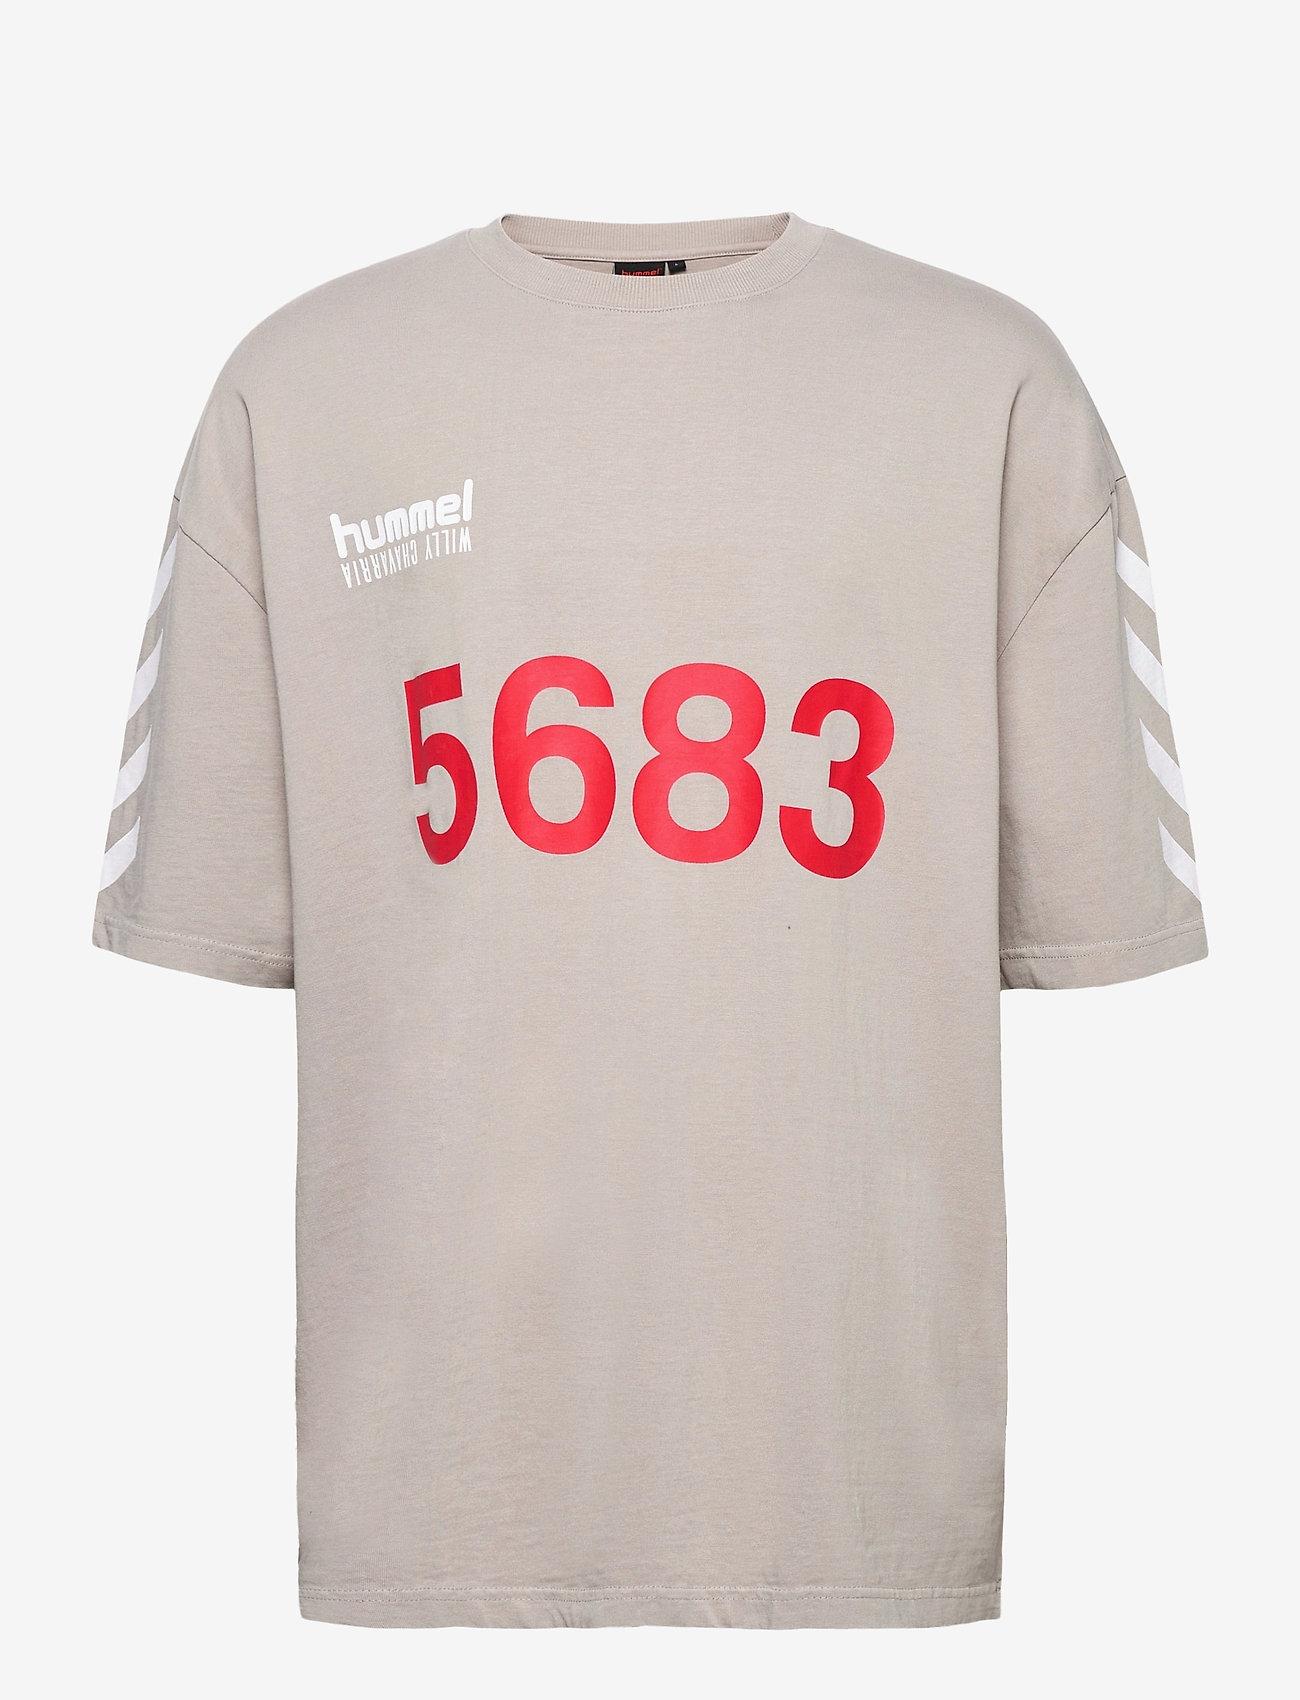 Hummel - hmlWILLY BUFFALO T-SHIRT S/S - t-shirts - paloma - 0